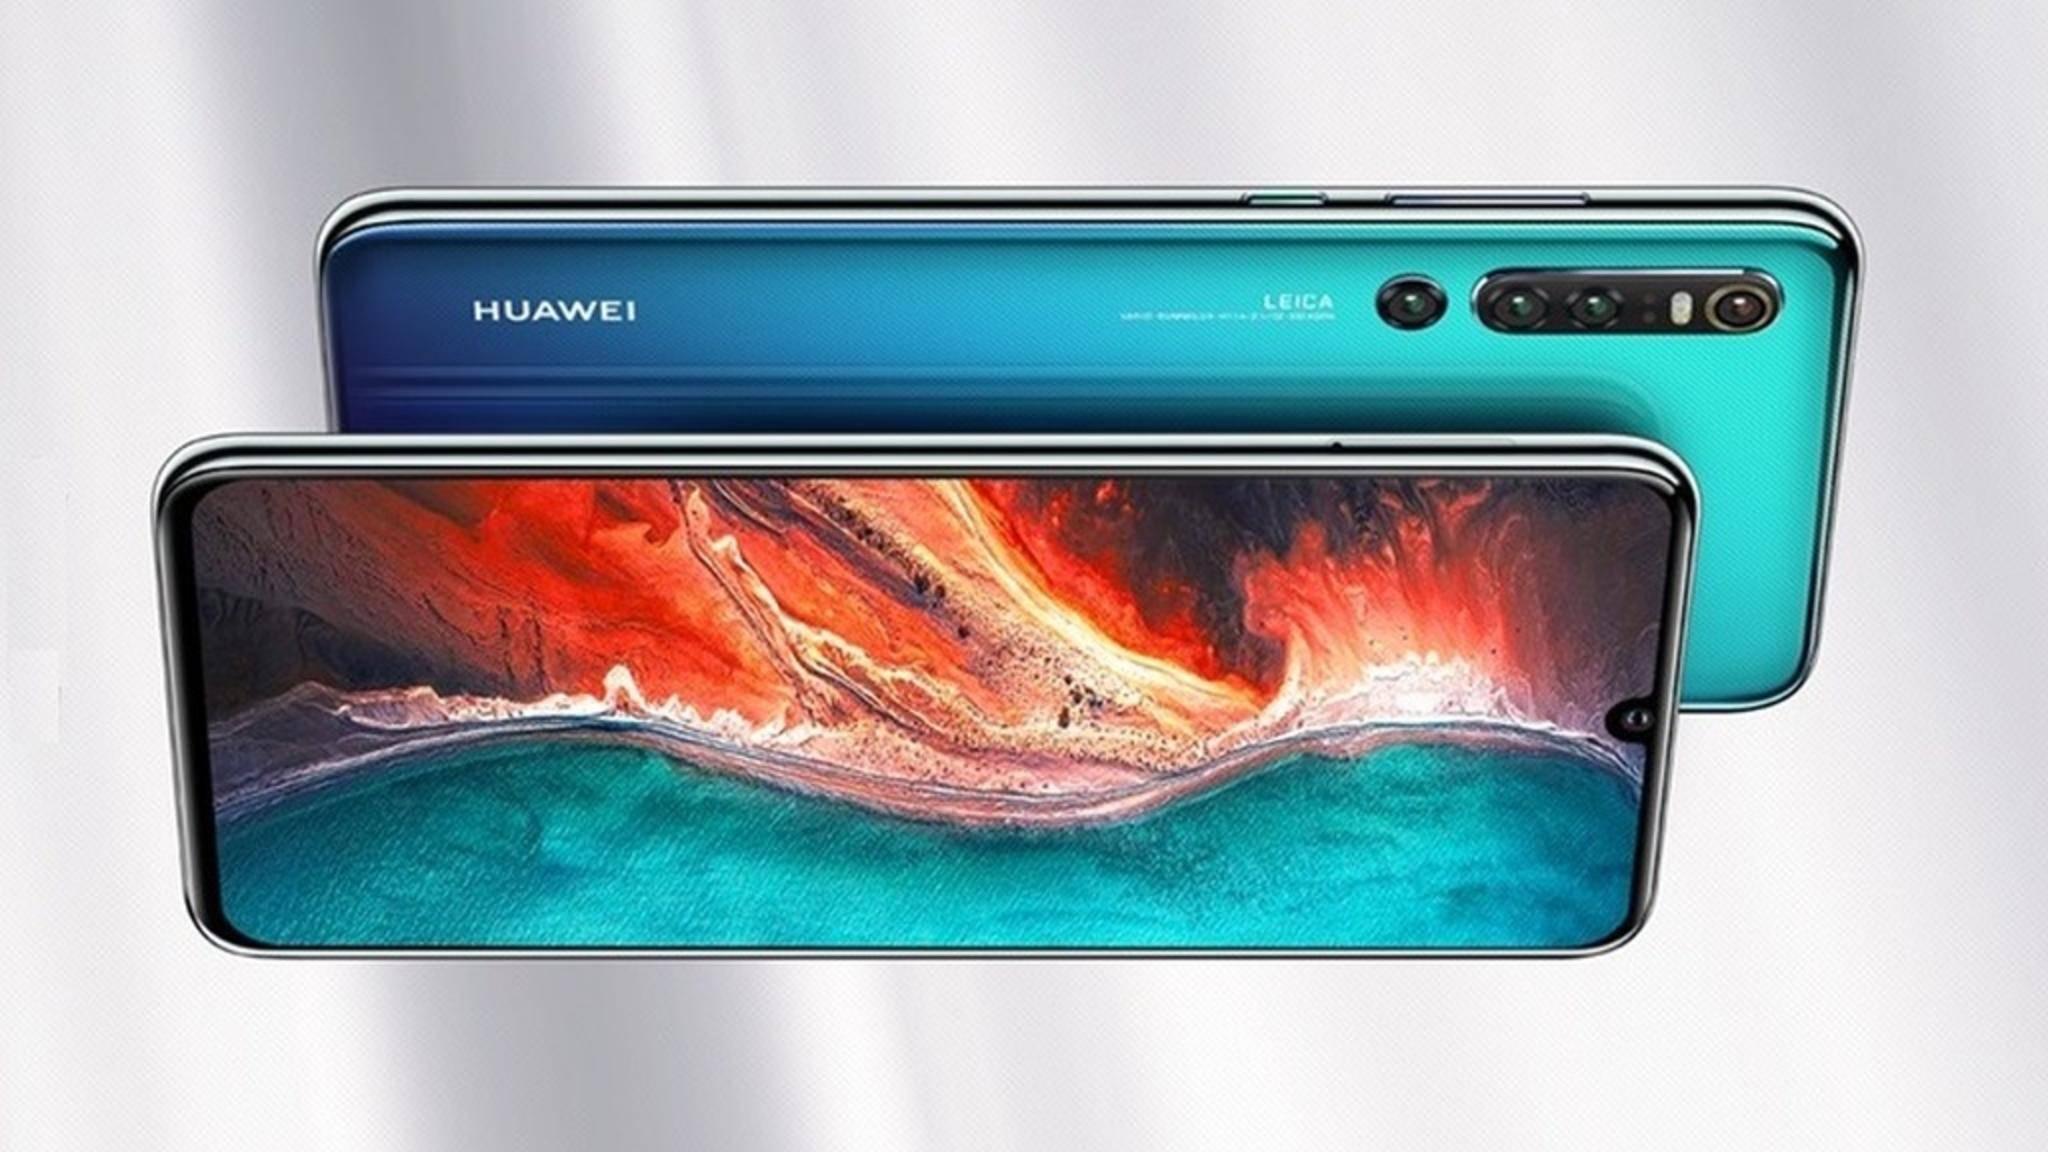 Das Huawei P30 Pro (hier ein Konzeptbild) wird in der kommenden Woche vorgestellt.